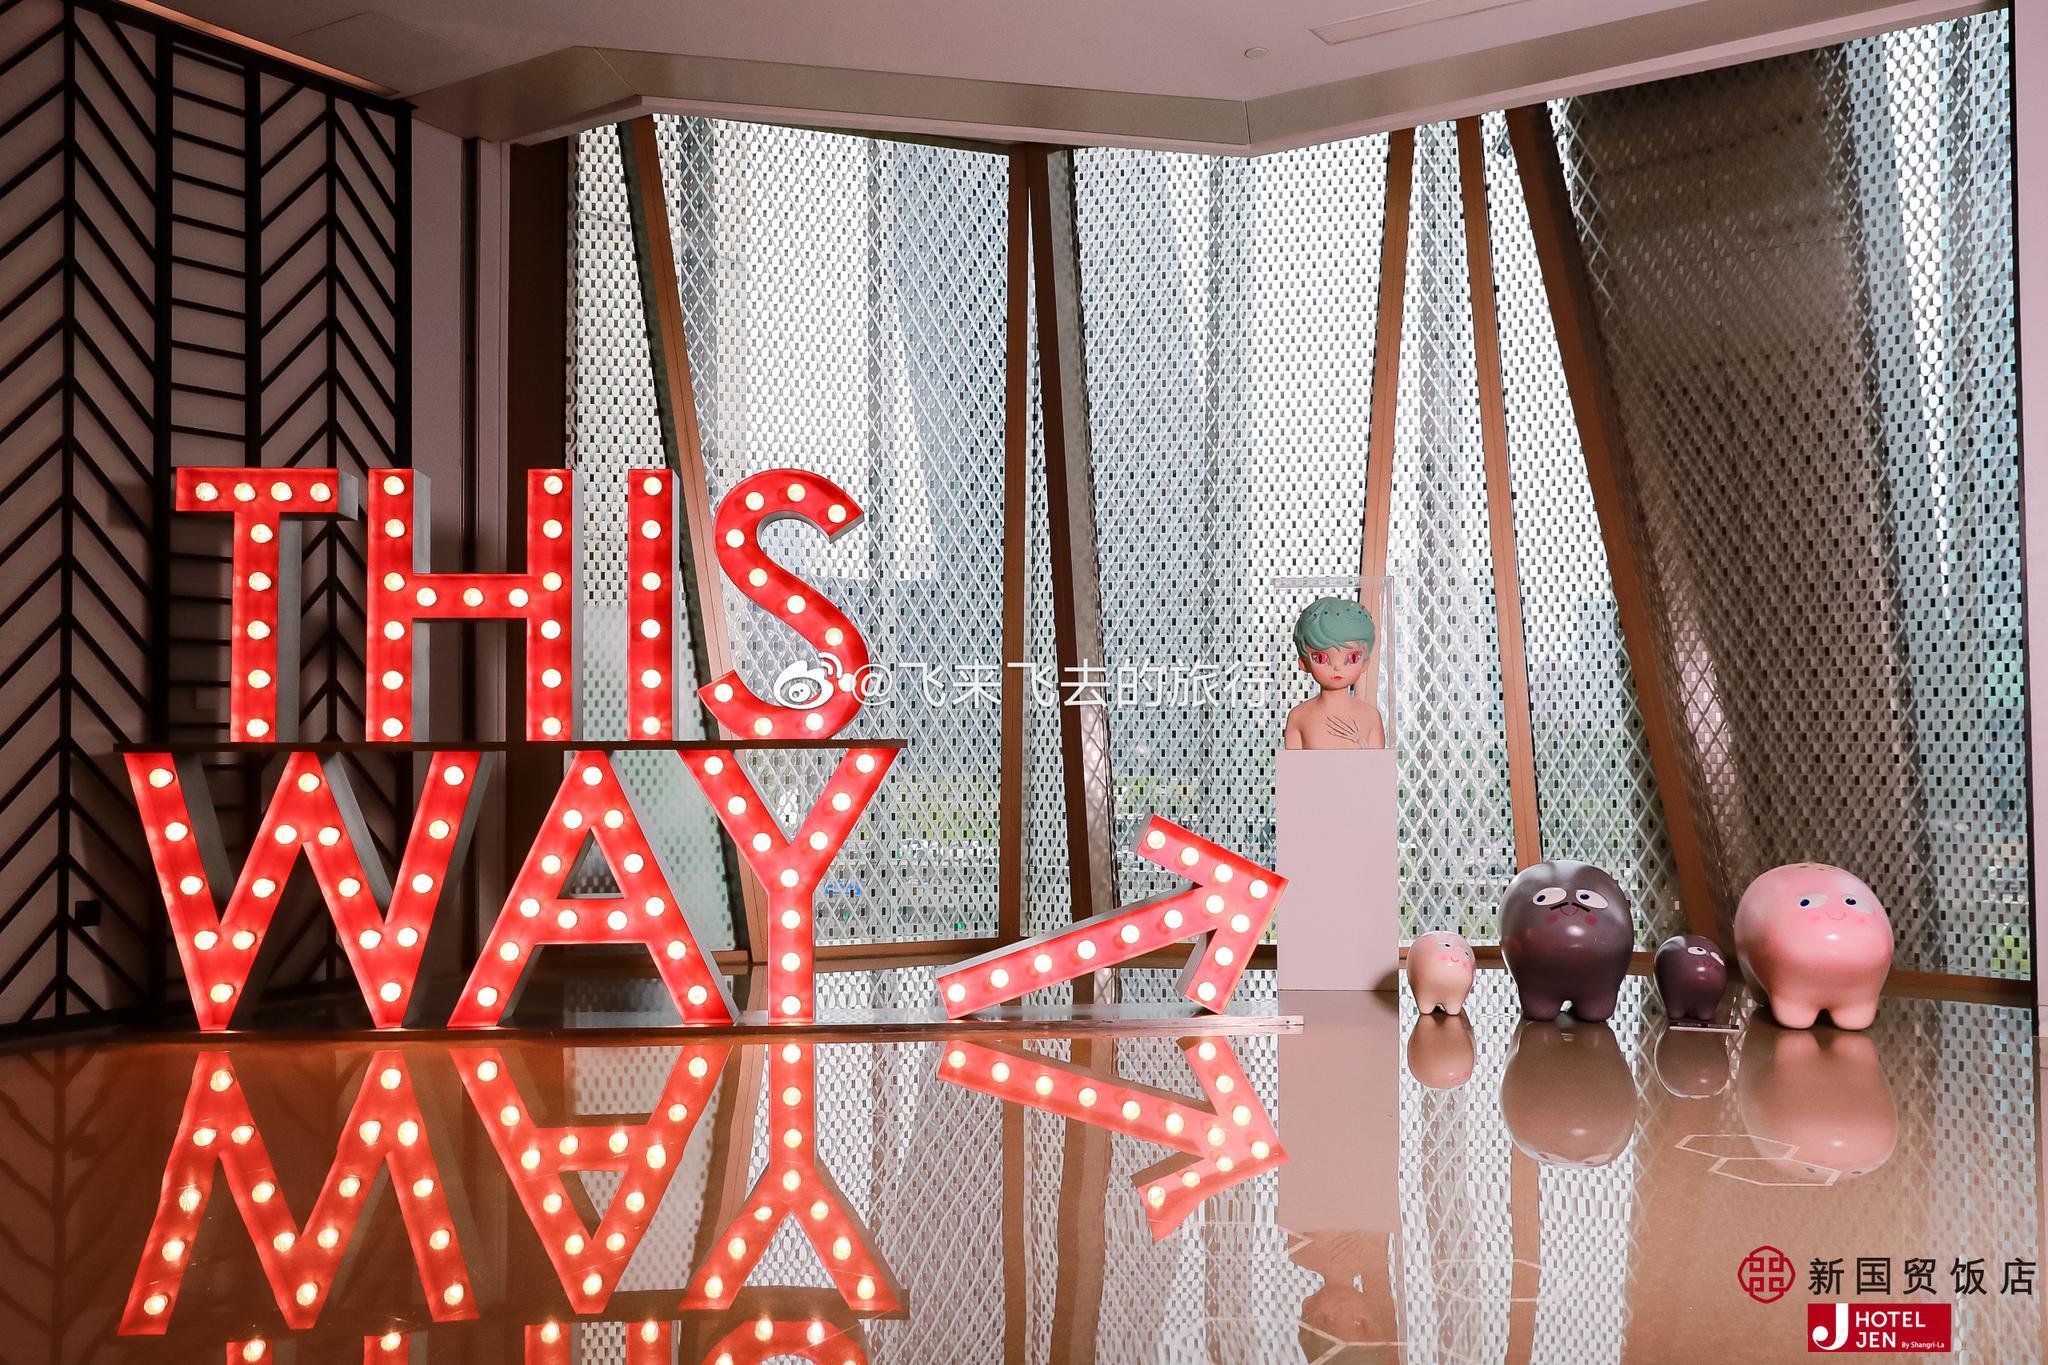 新国贸饭店 & 北京设计周  潮流先锋艺术展新国贸饭店邀请构得艺术